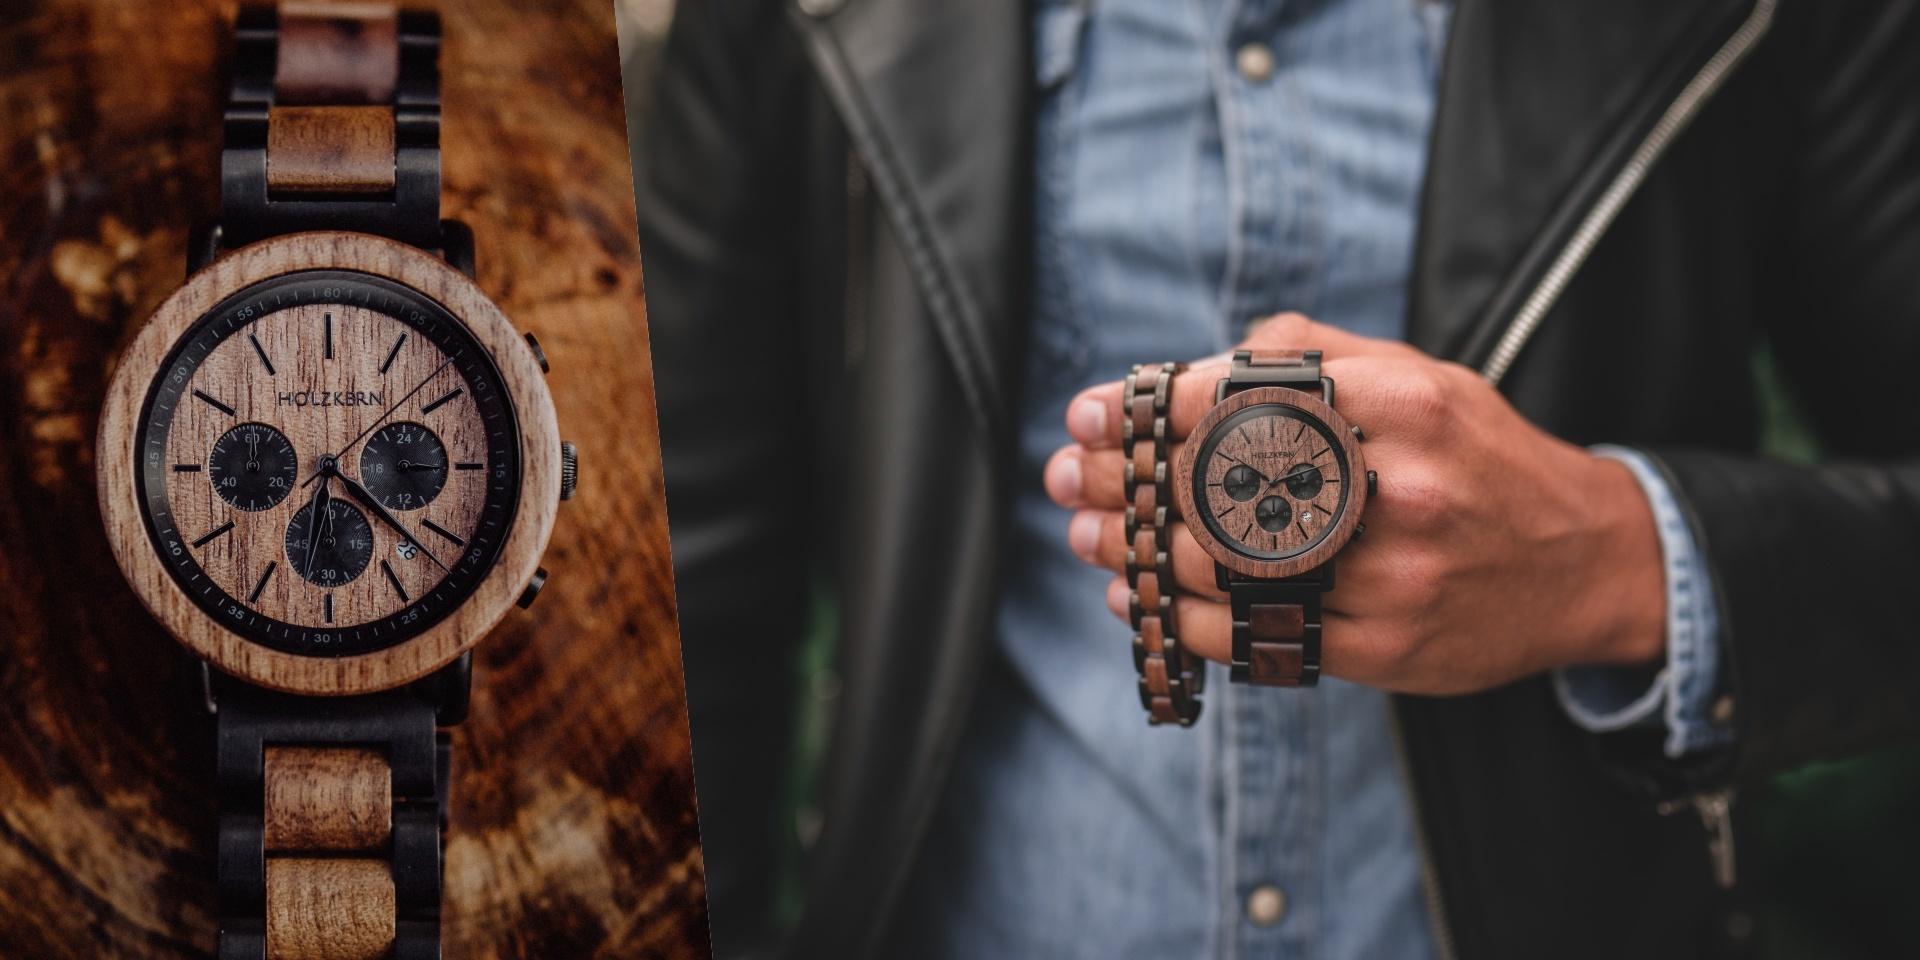 Holzkernuhr Dämmerung mit Armband Dreiklang